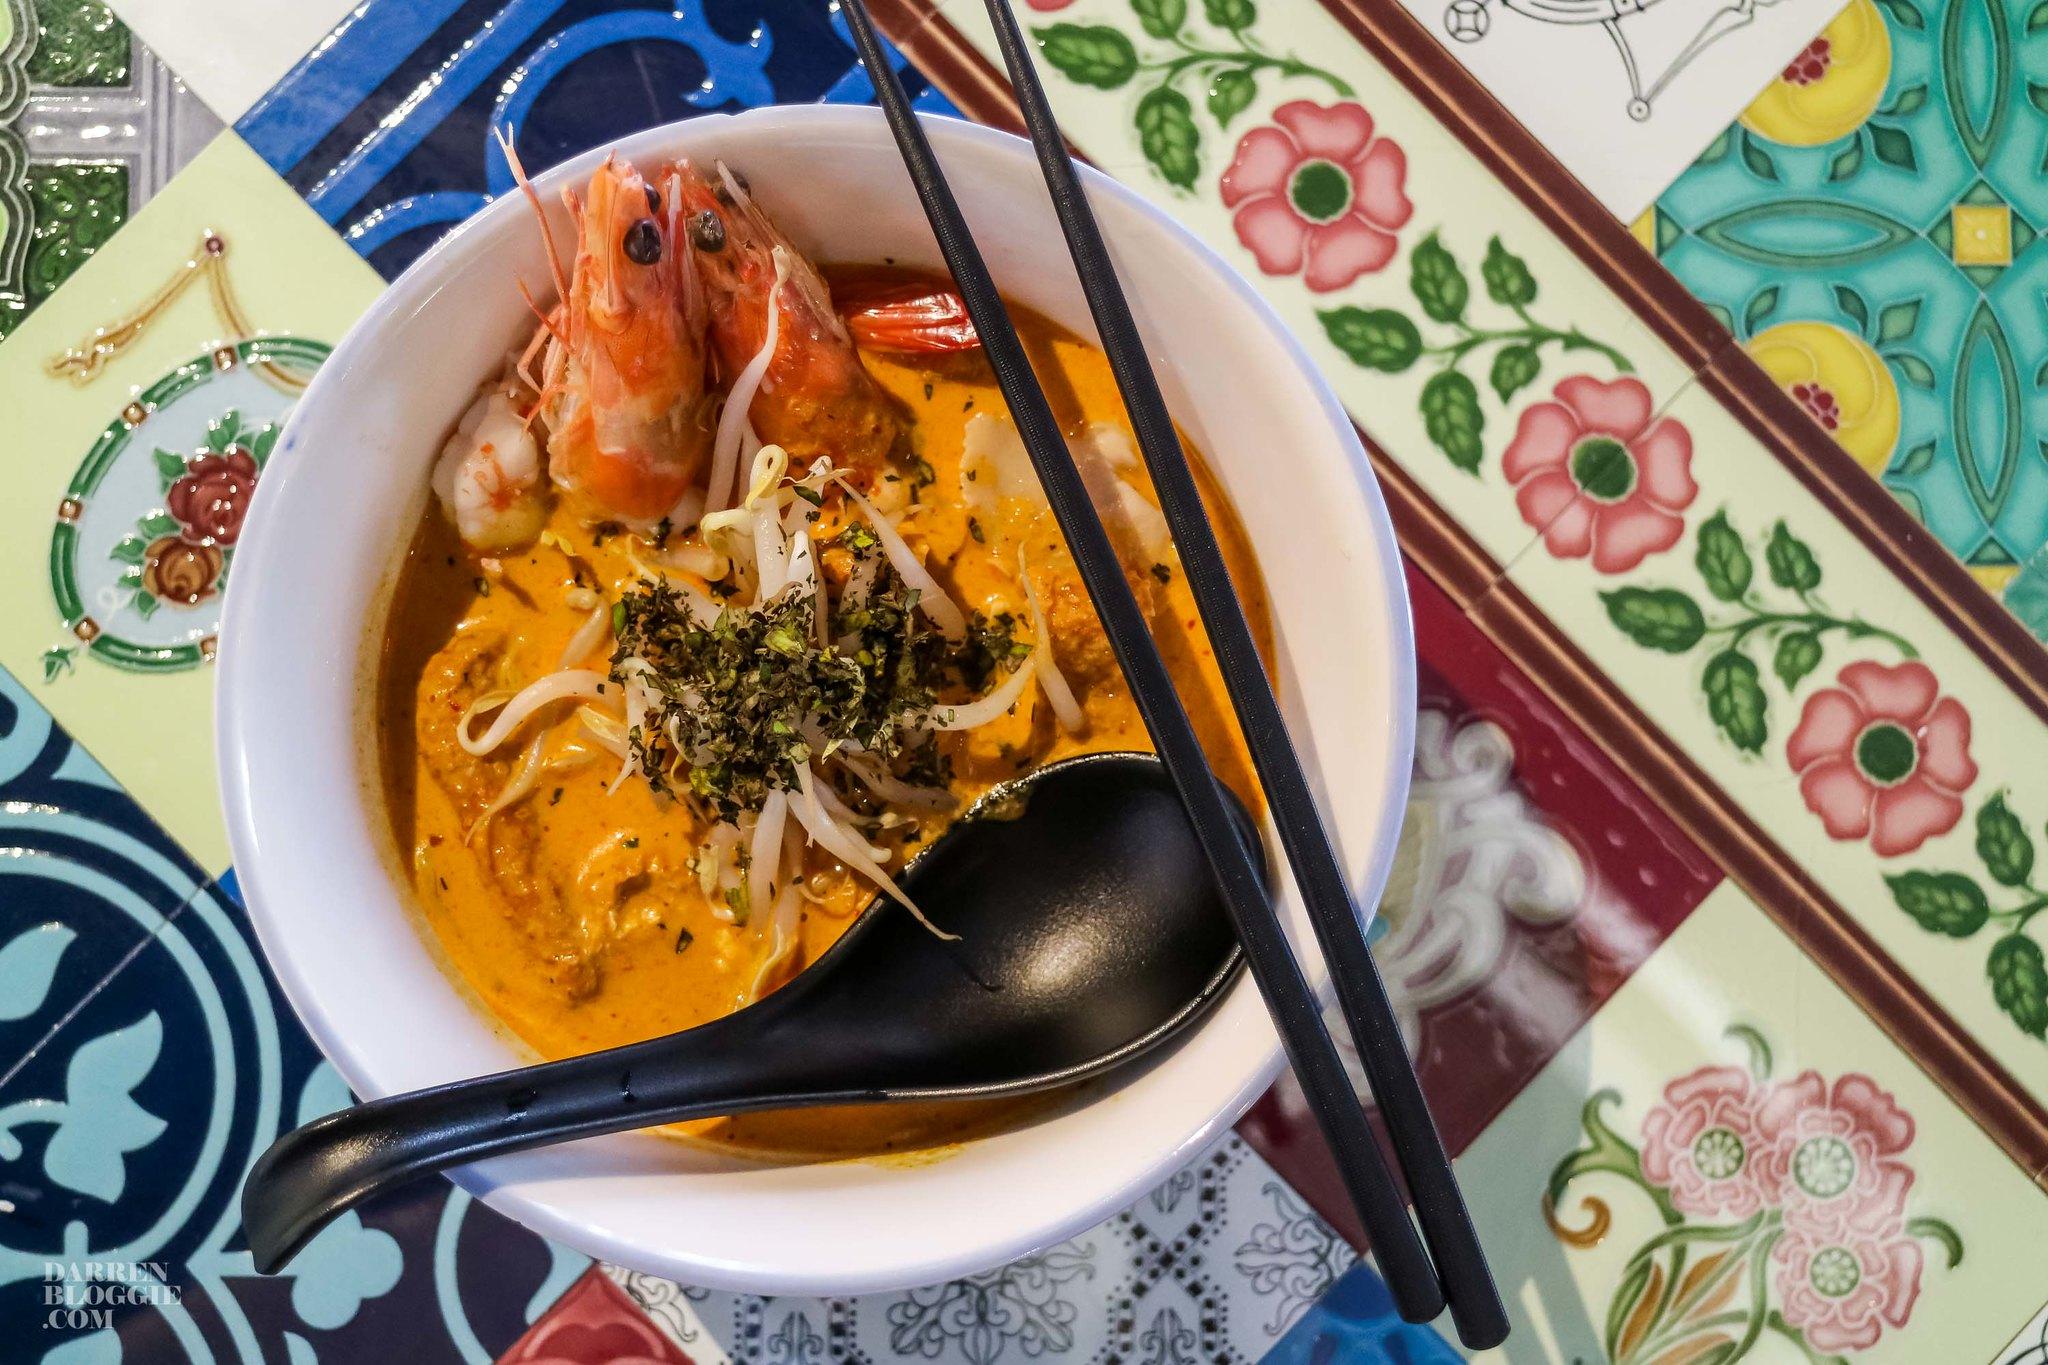 chong-wen-ge-cafe-singapore-telok-ayer-2